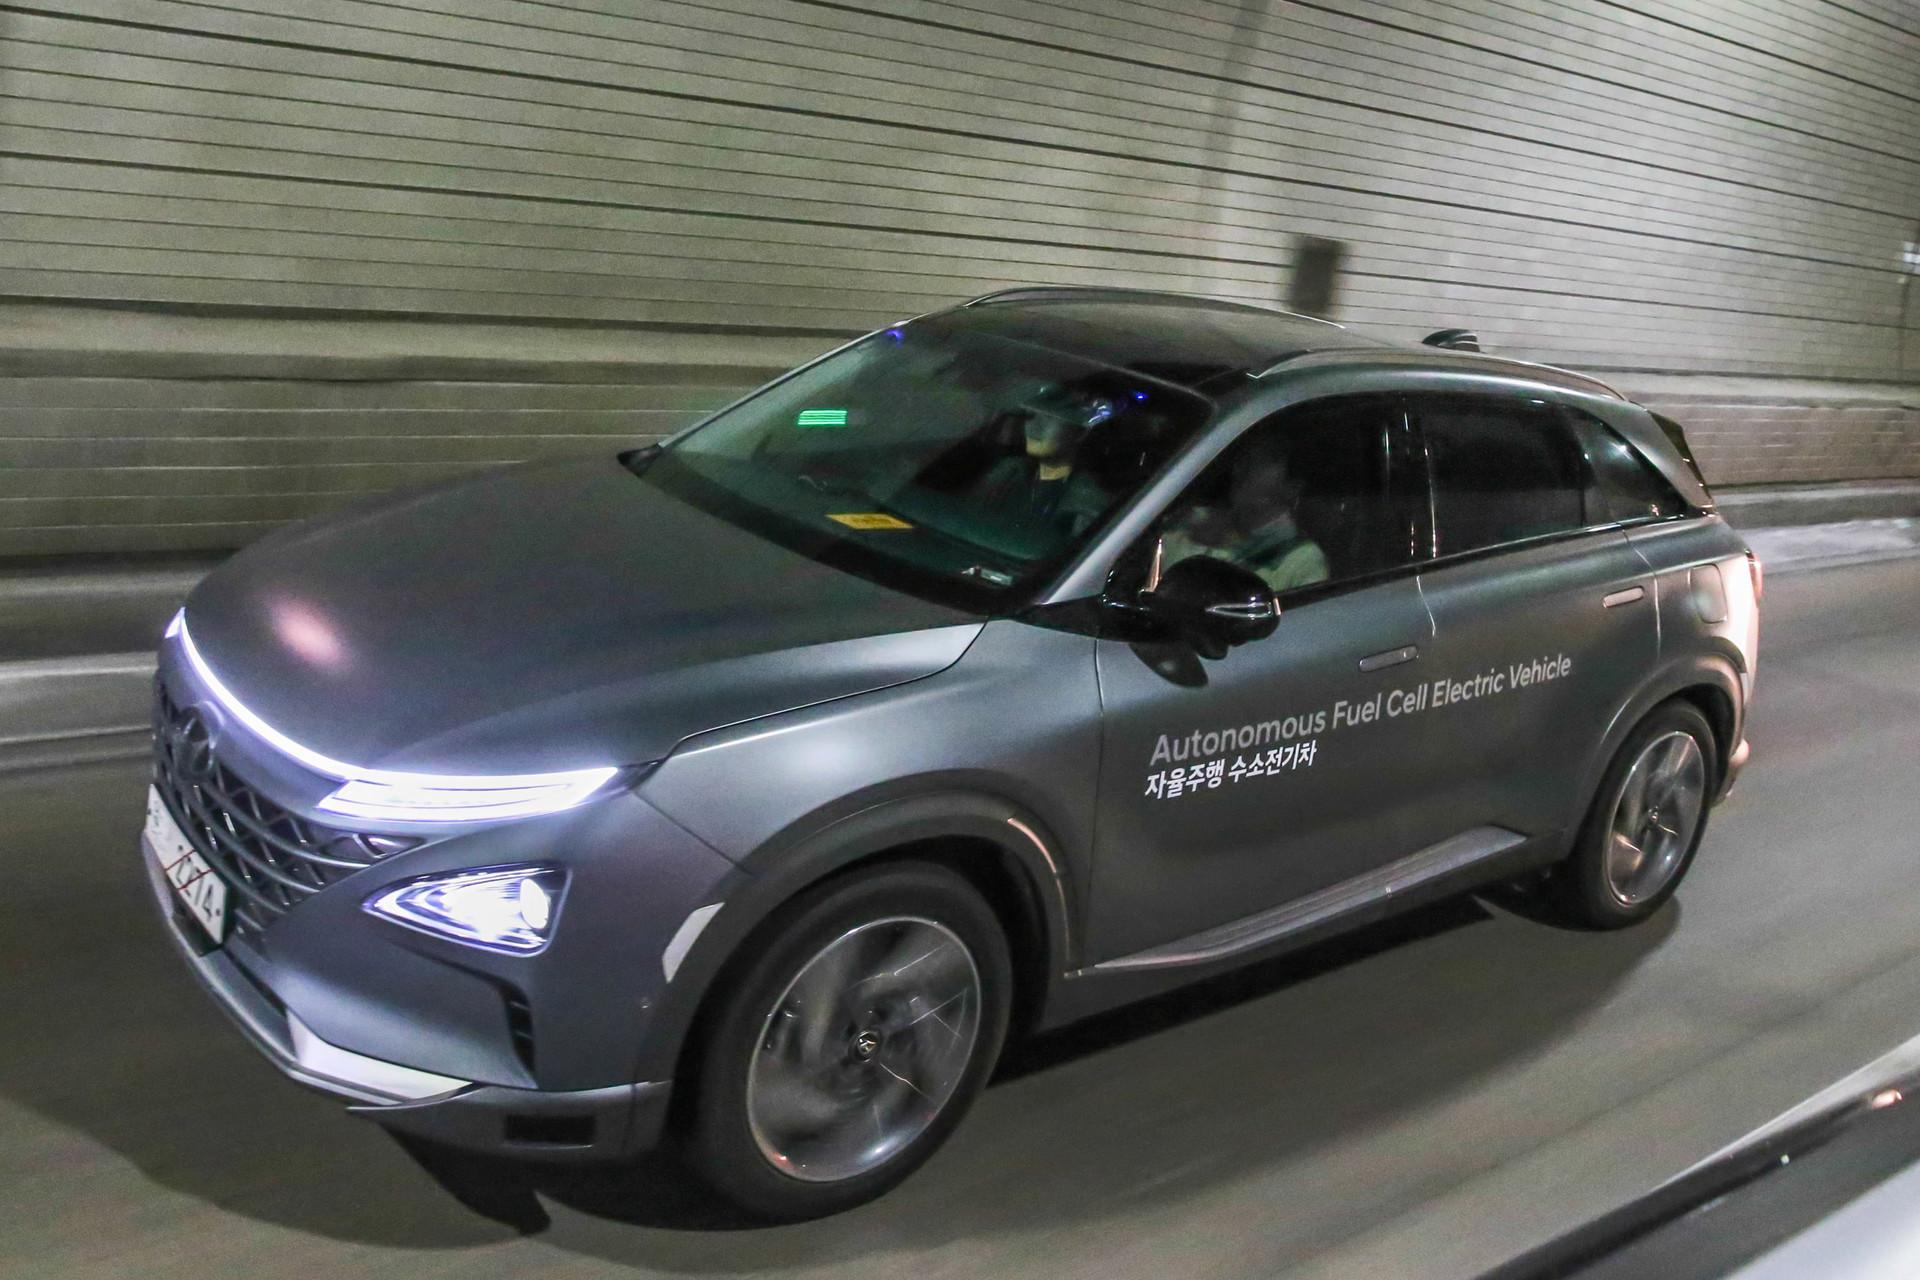 hyundai nexo rijdt vanaf 2021 autonoom  autonieuws